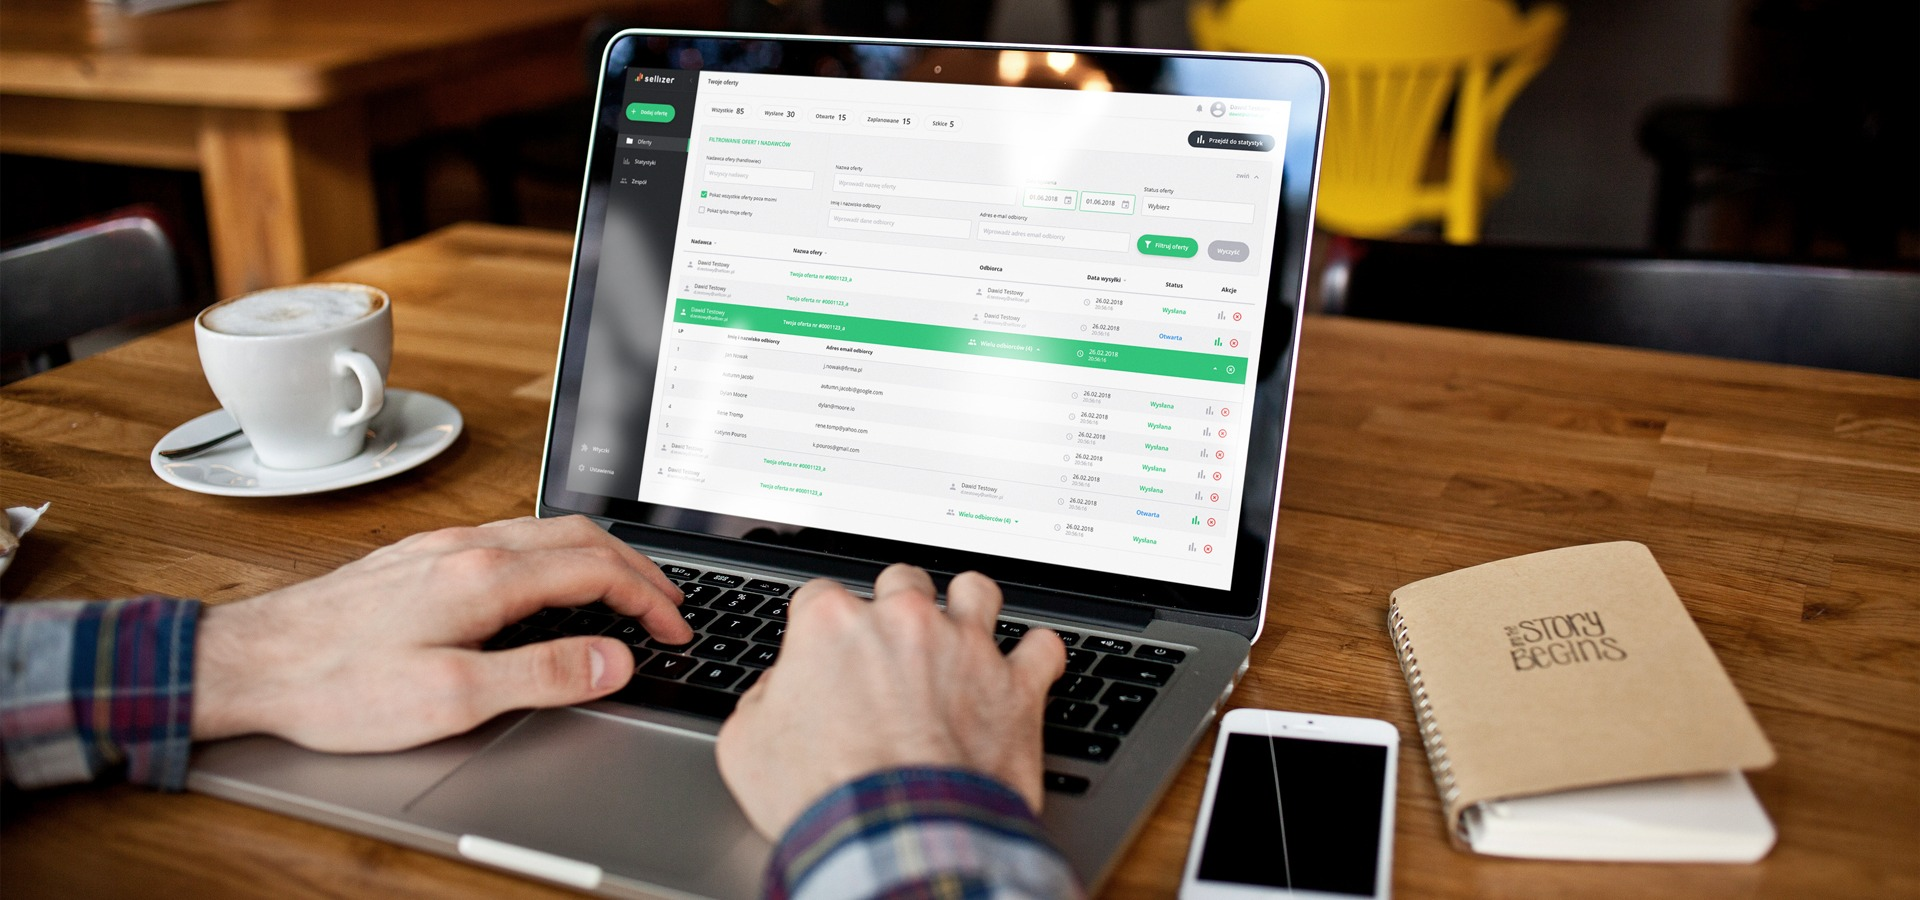 Innowacyjne narzędzie dla sprzedawców - Sellizer.pl pozyskał inwestora.